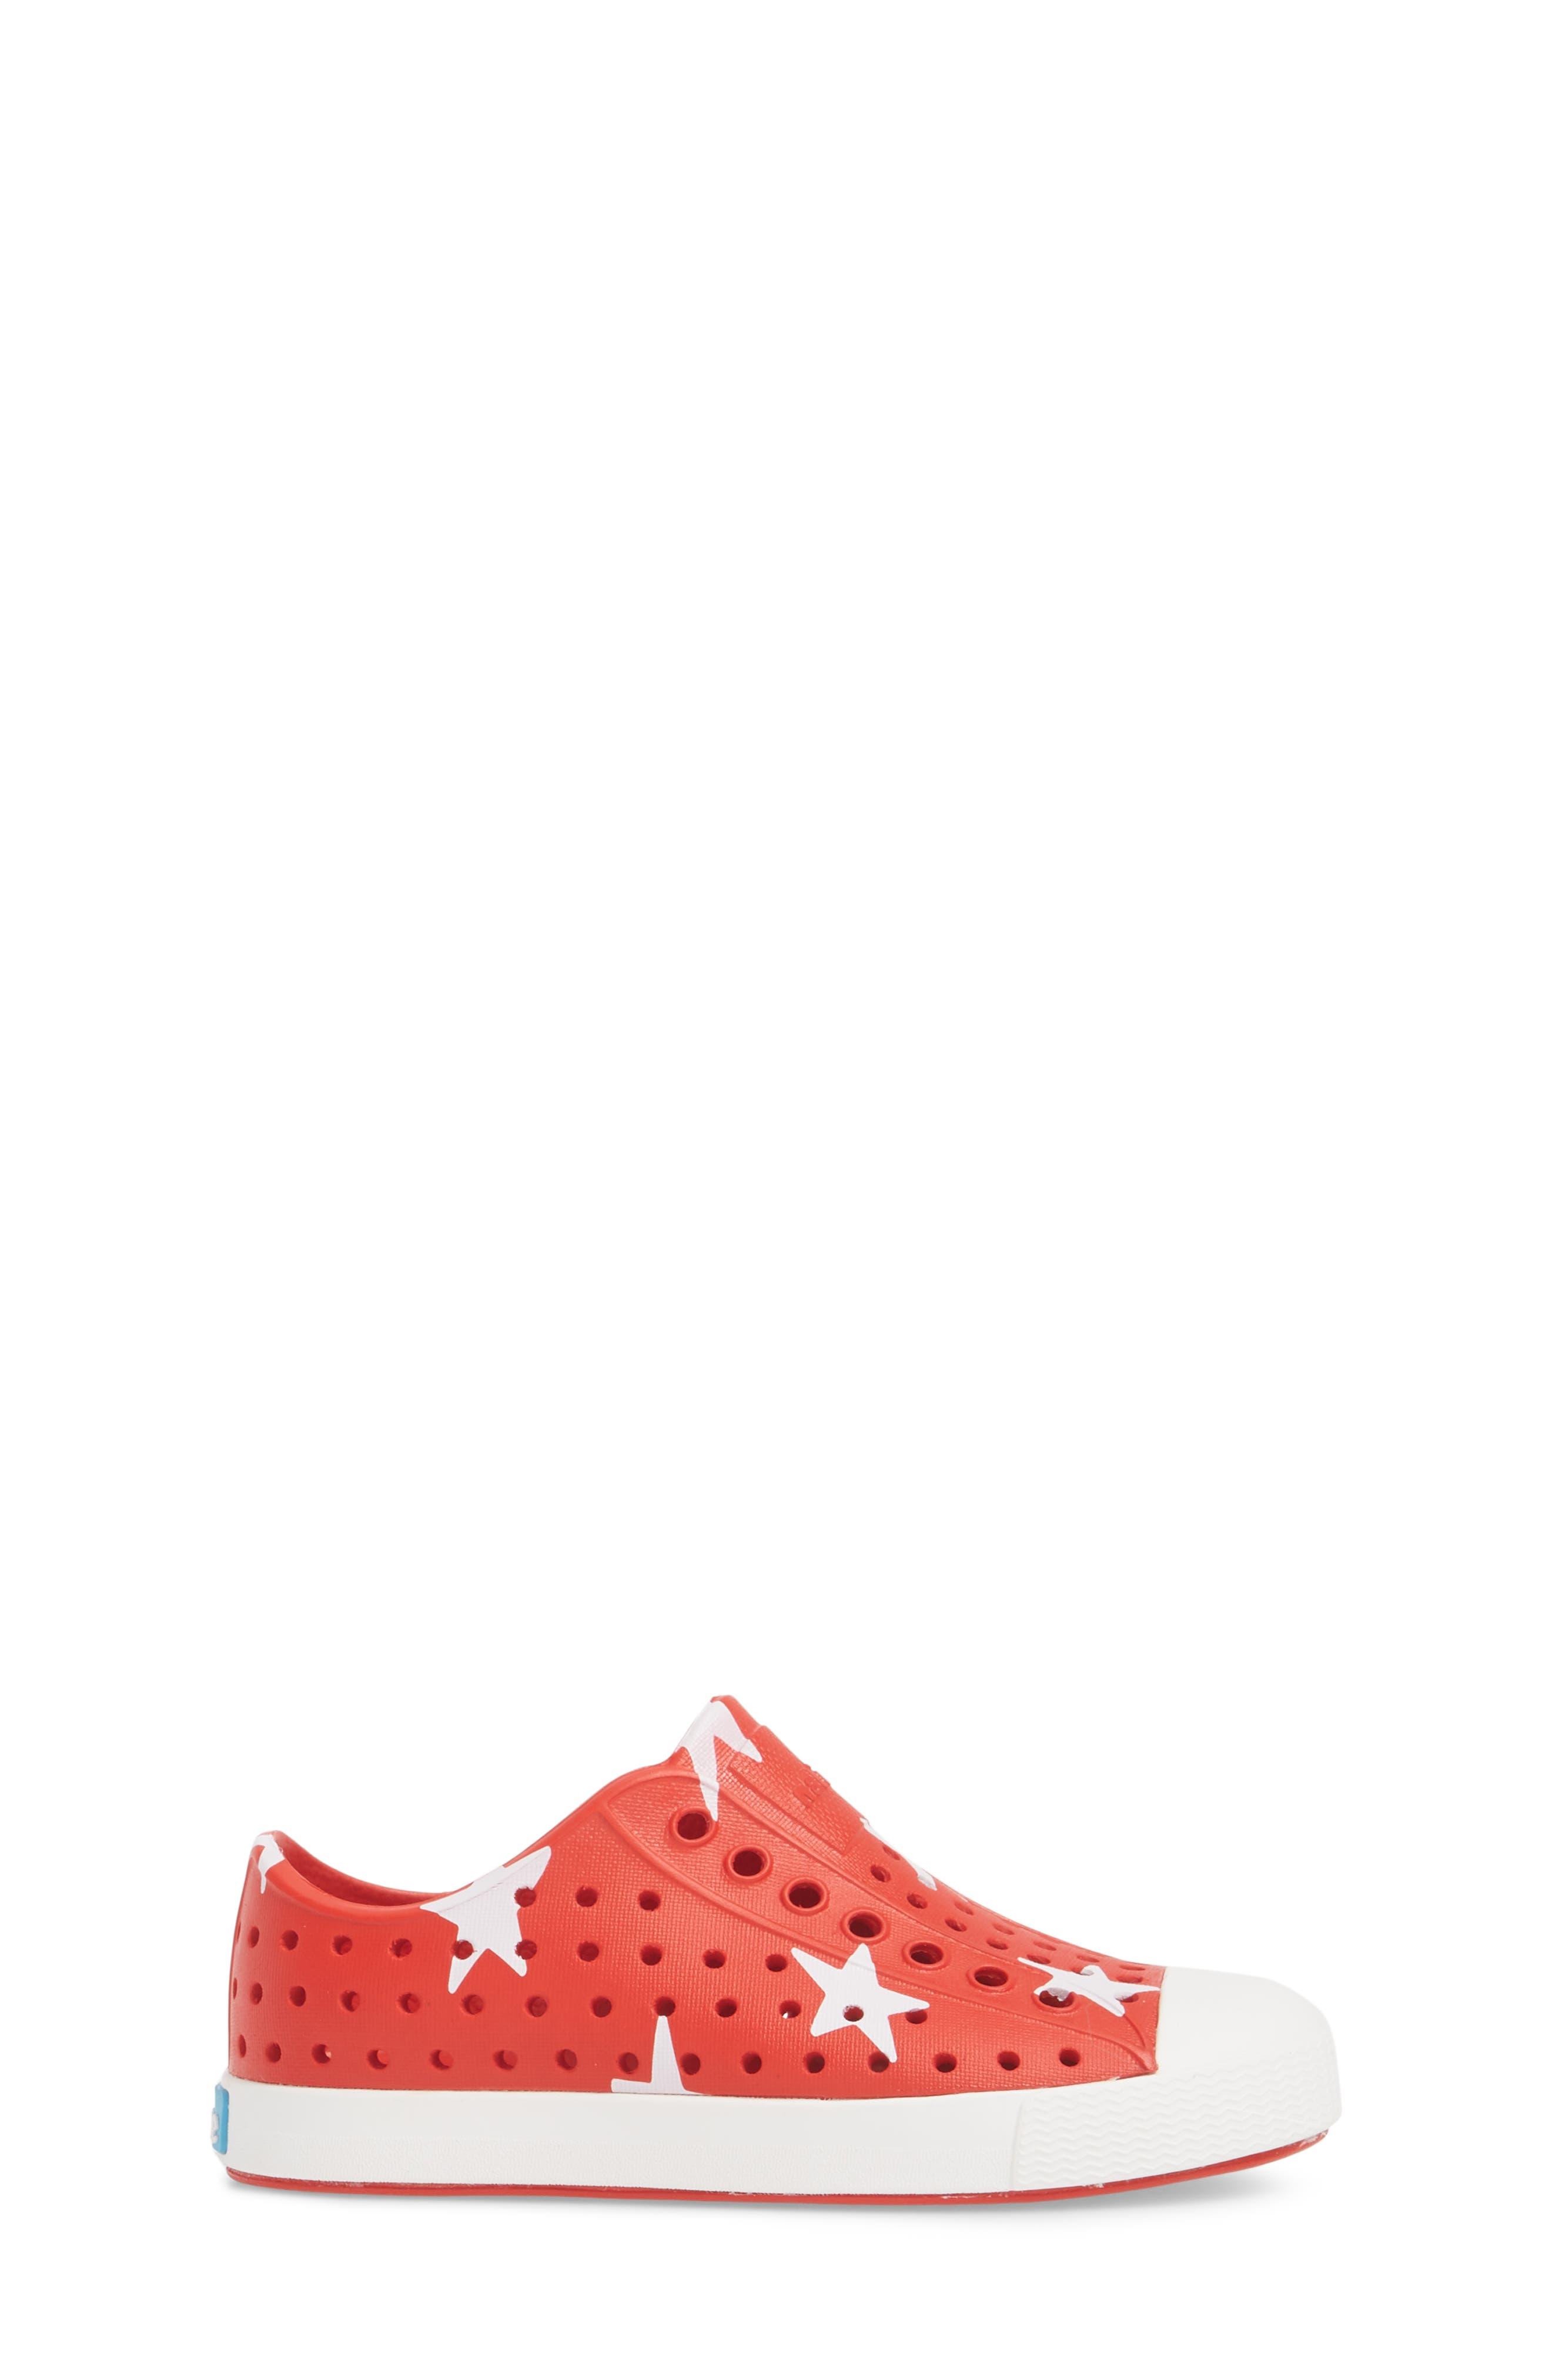 Jefferson Quartz Slip-On Sneaker,                             Alternate thumbnail 3, color,                             TORCH RED/ BONE WHITE/ STAR